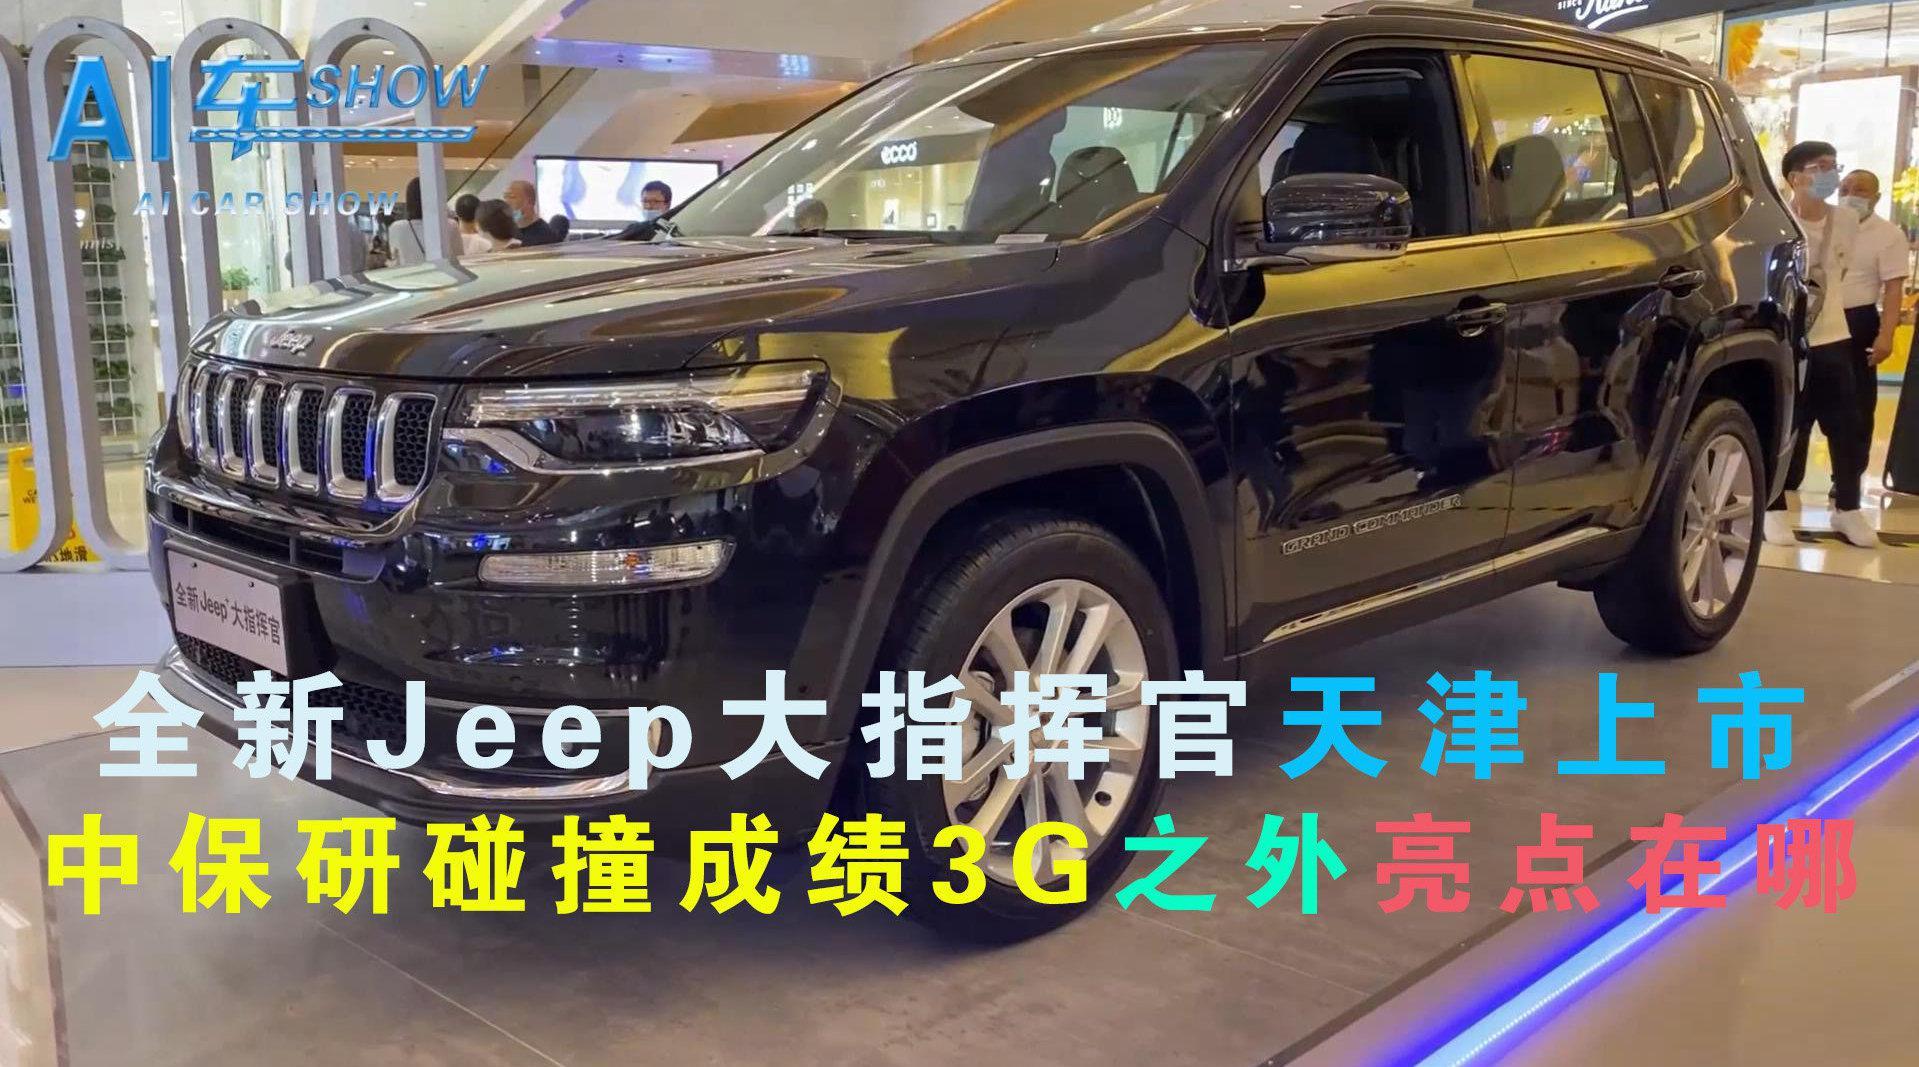 视频:全新Jeep大指挥官天津上市 中保研碰撞成绩3G之外亮点在哪 2020年